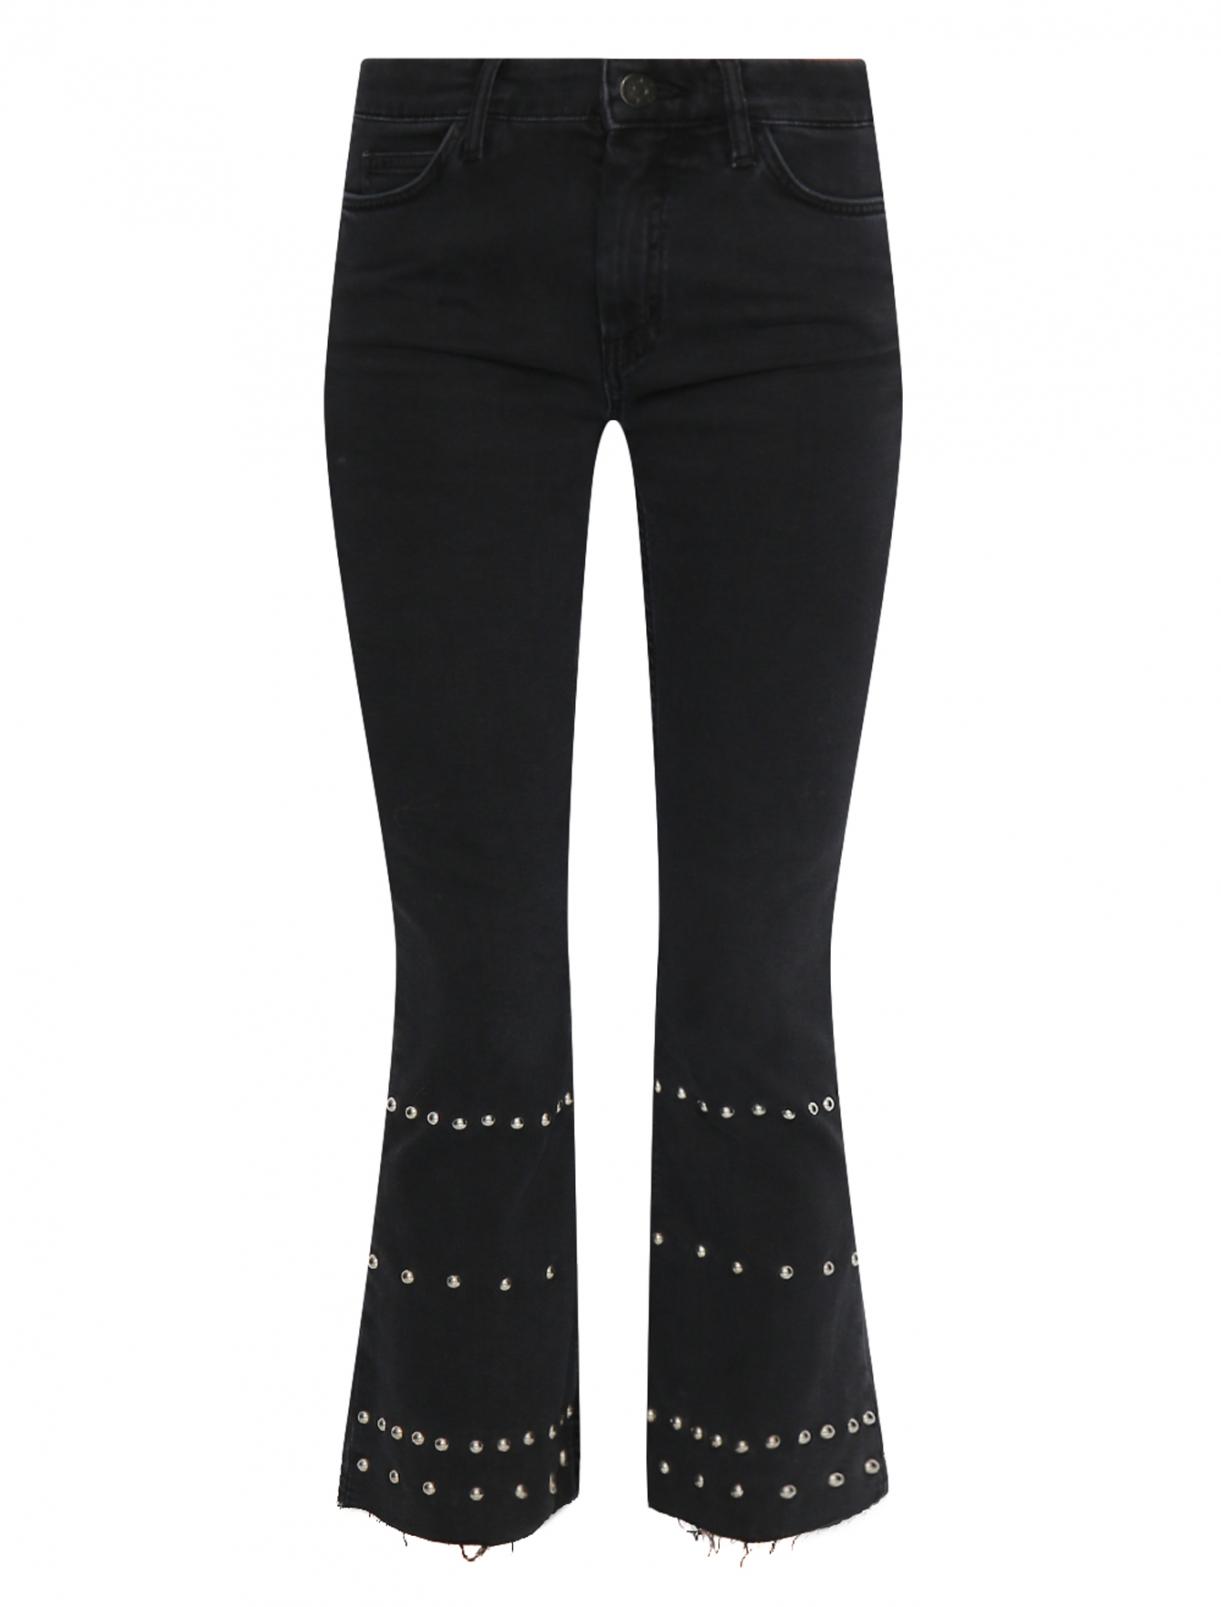 Укороченные джинсы с металлической фурнитурой M.i.h Jeans  –  Общий вид  – Цвет:  Черный